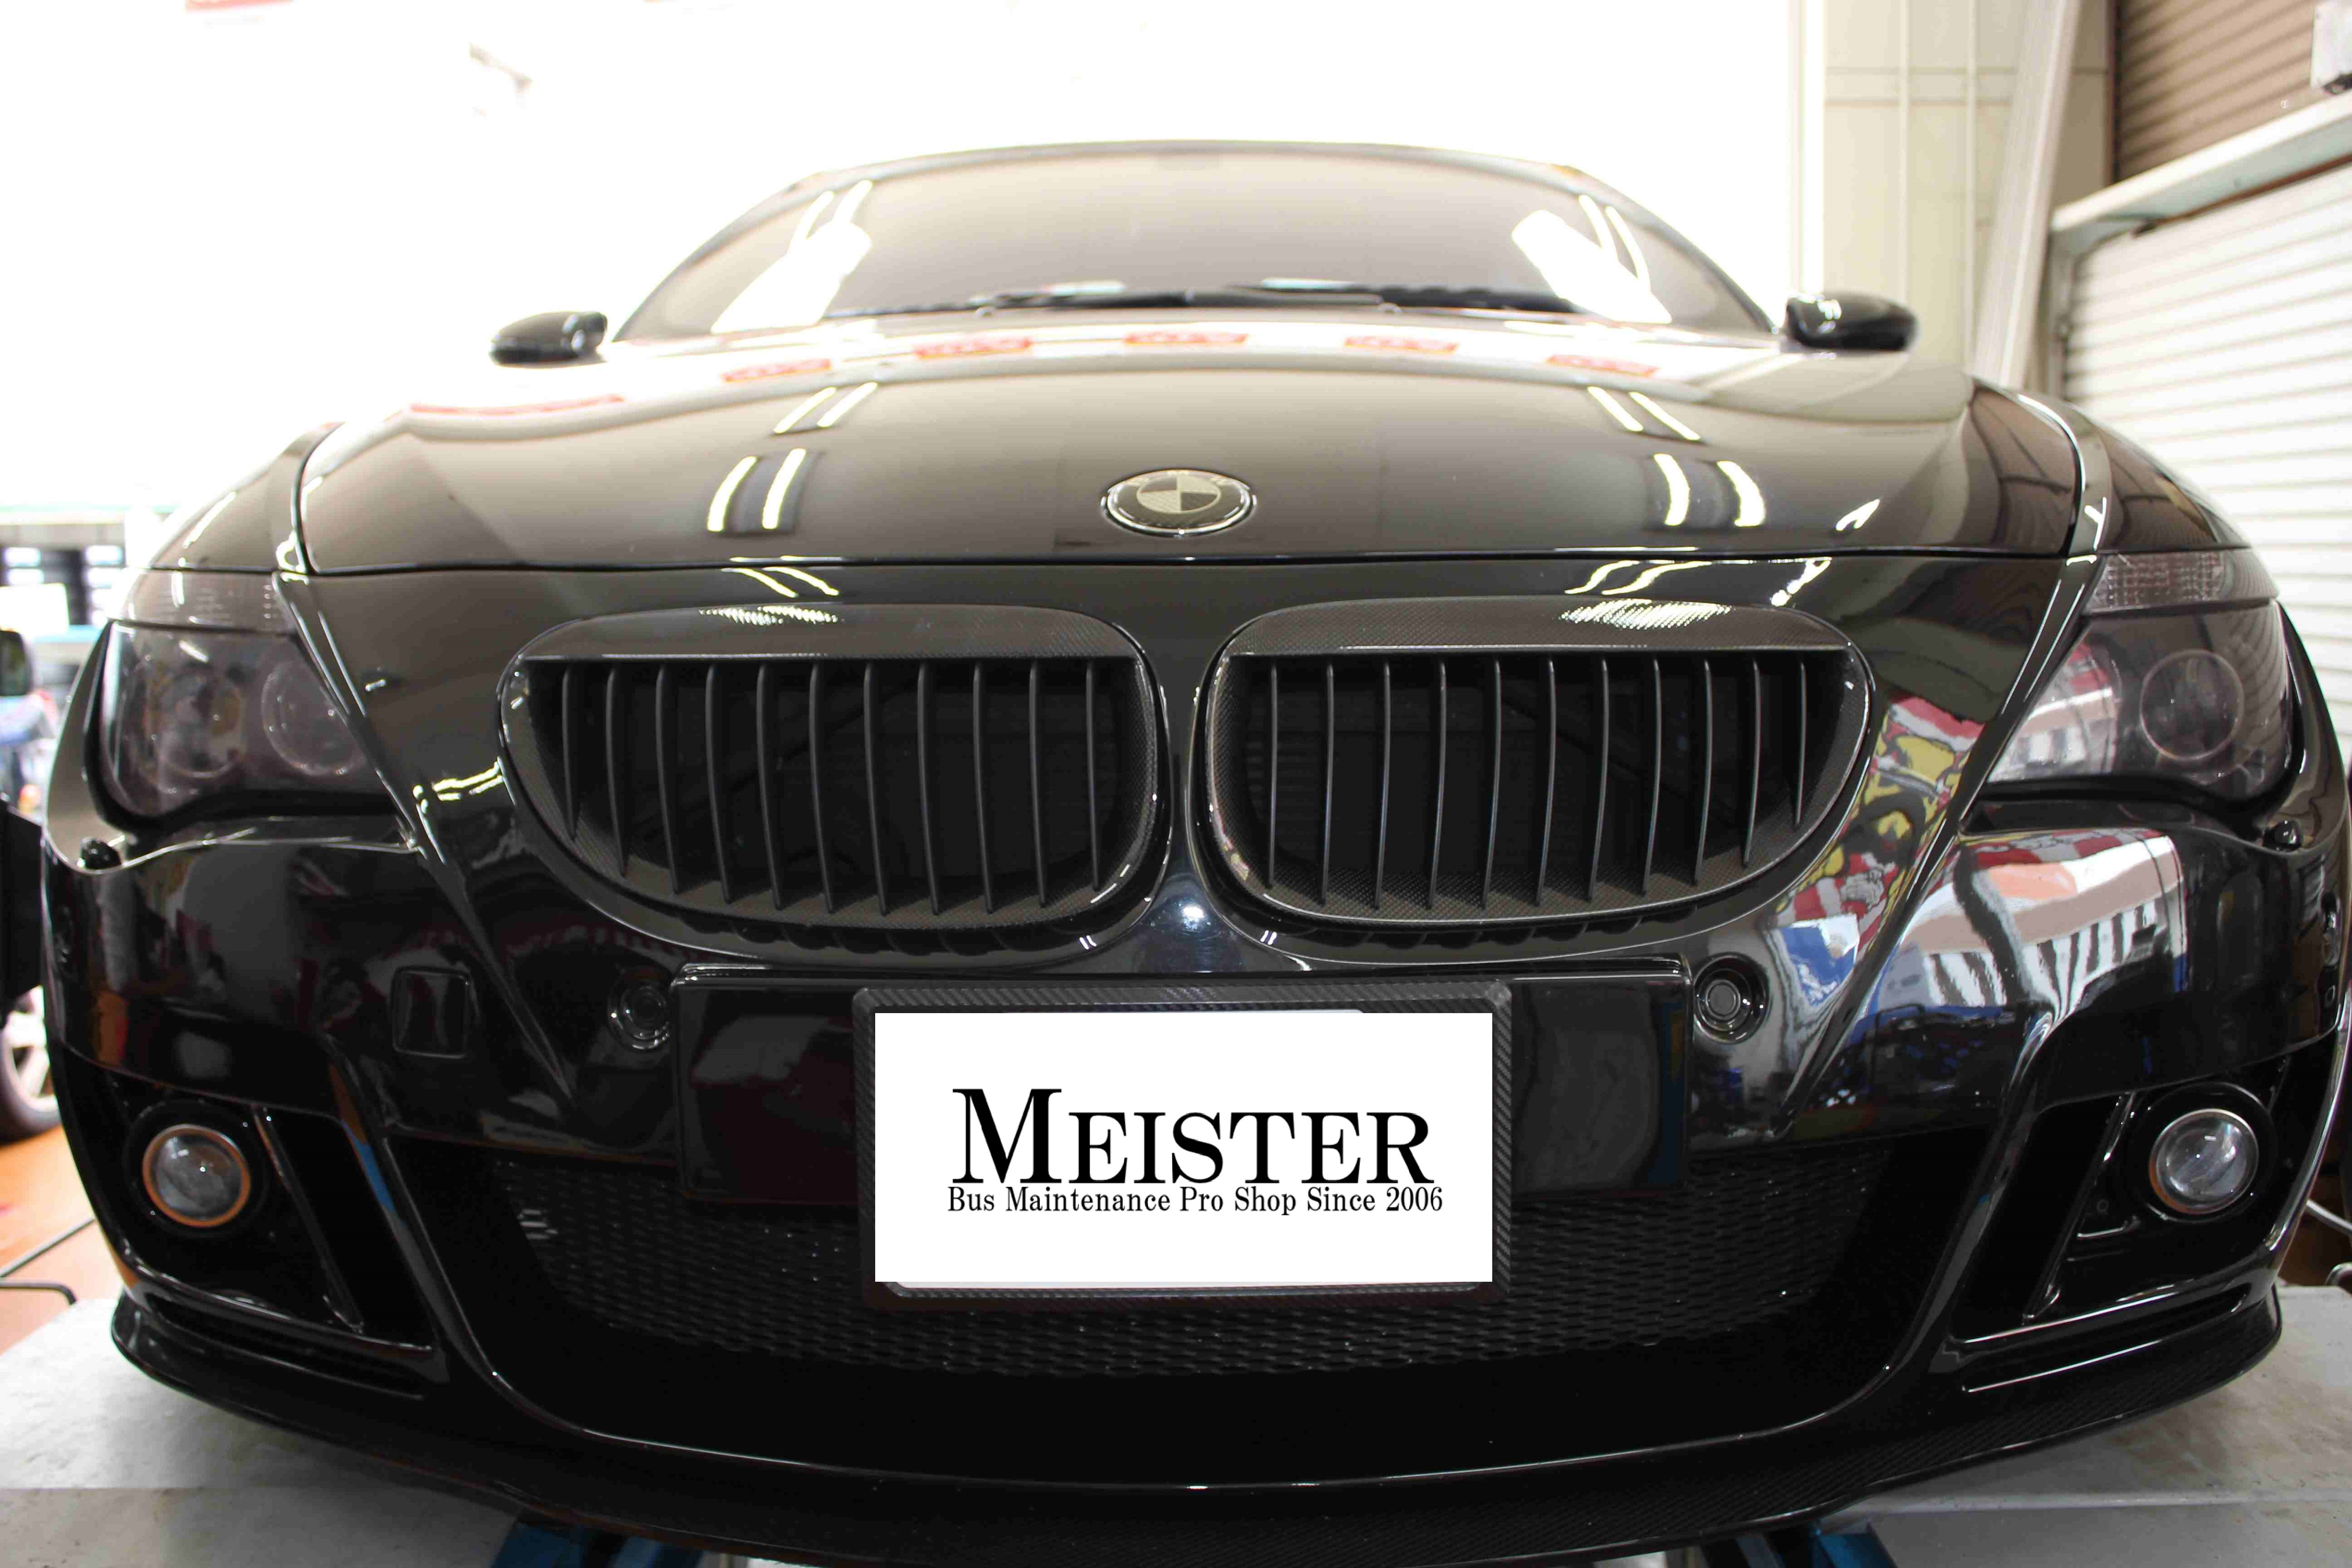 アライメント調整BMW M6